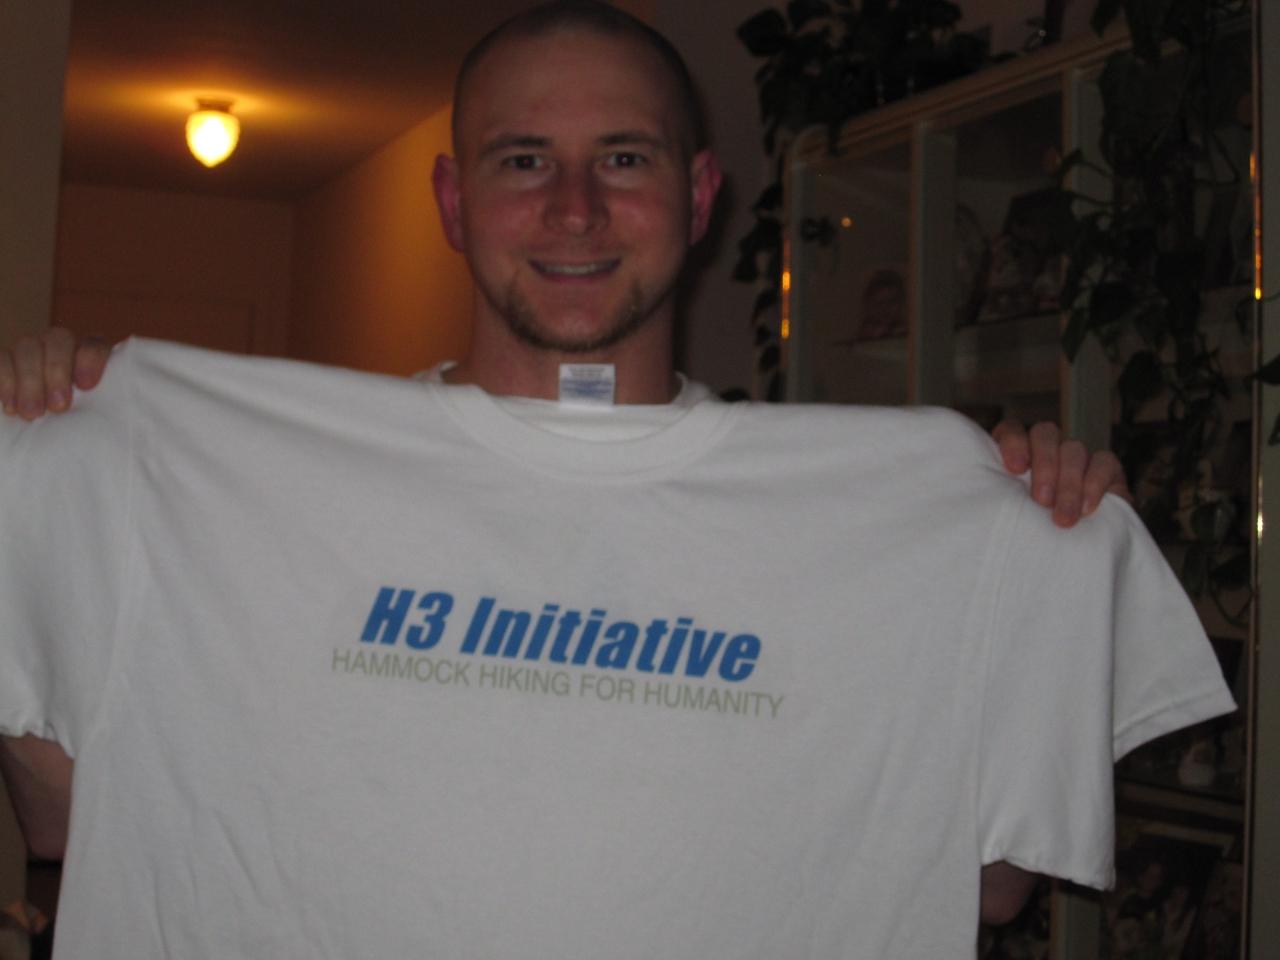 H3 Shirt